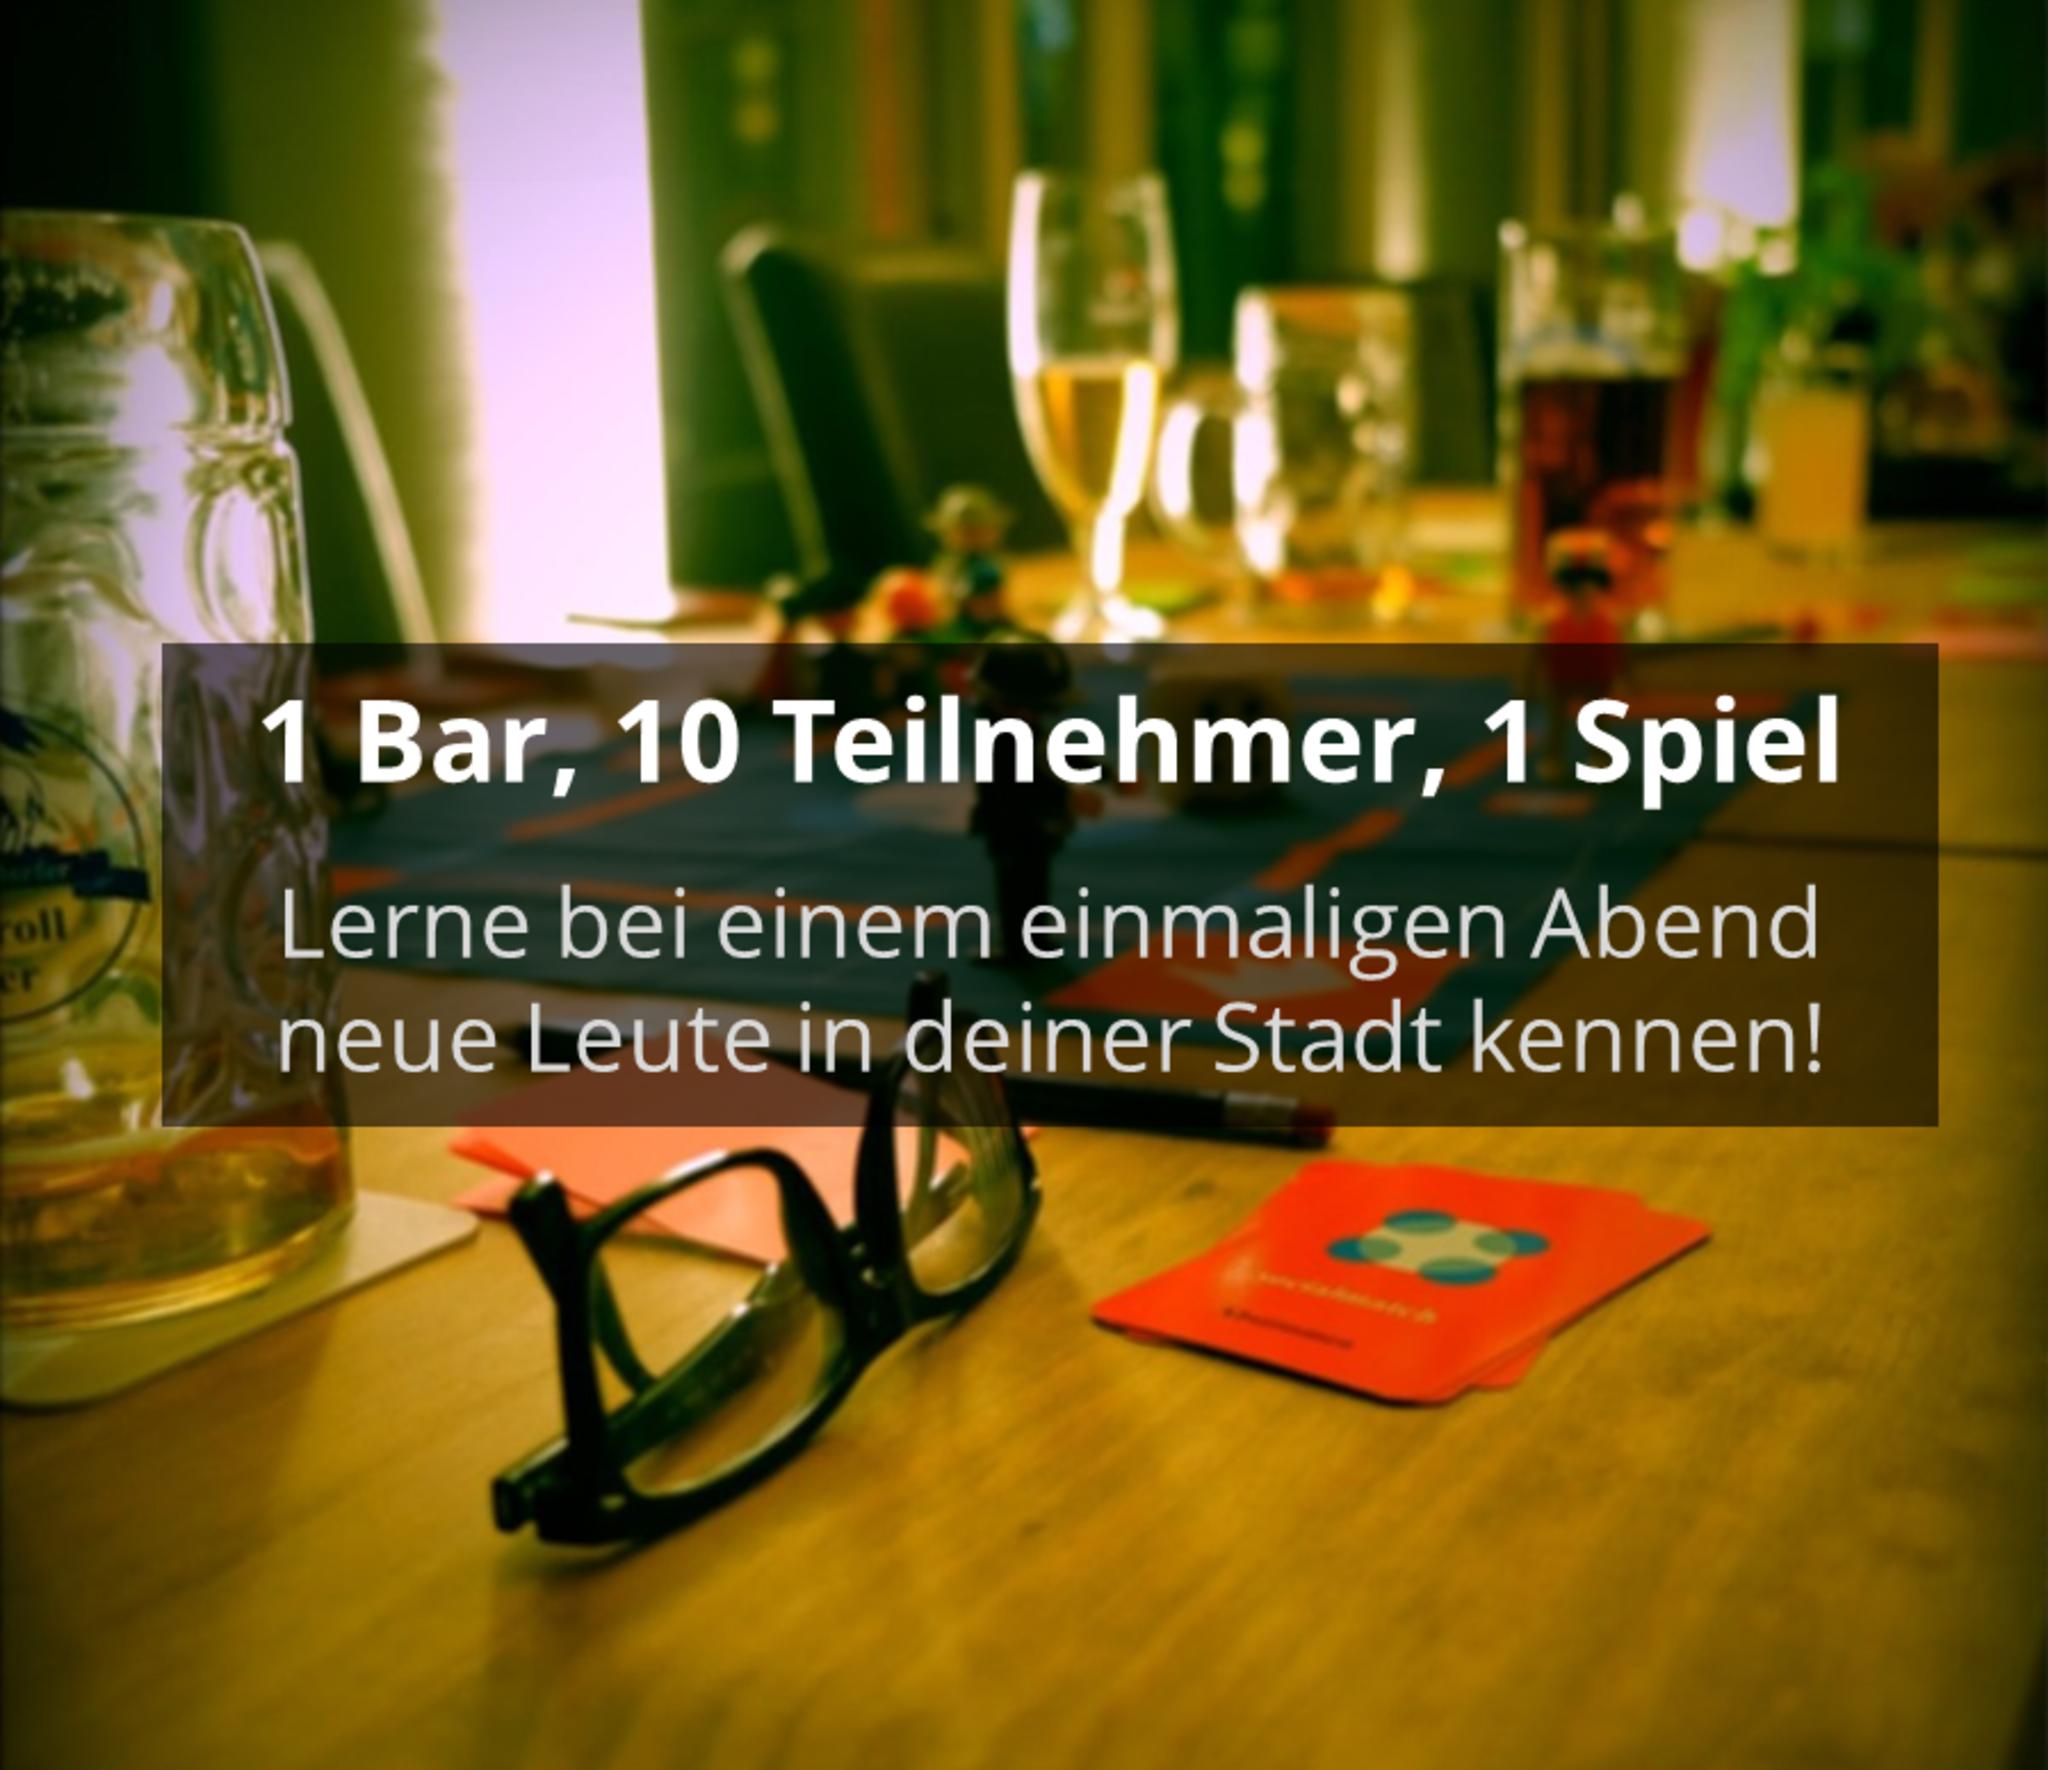 Bar leute kennenlernen berlin